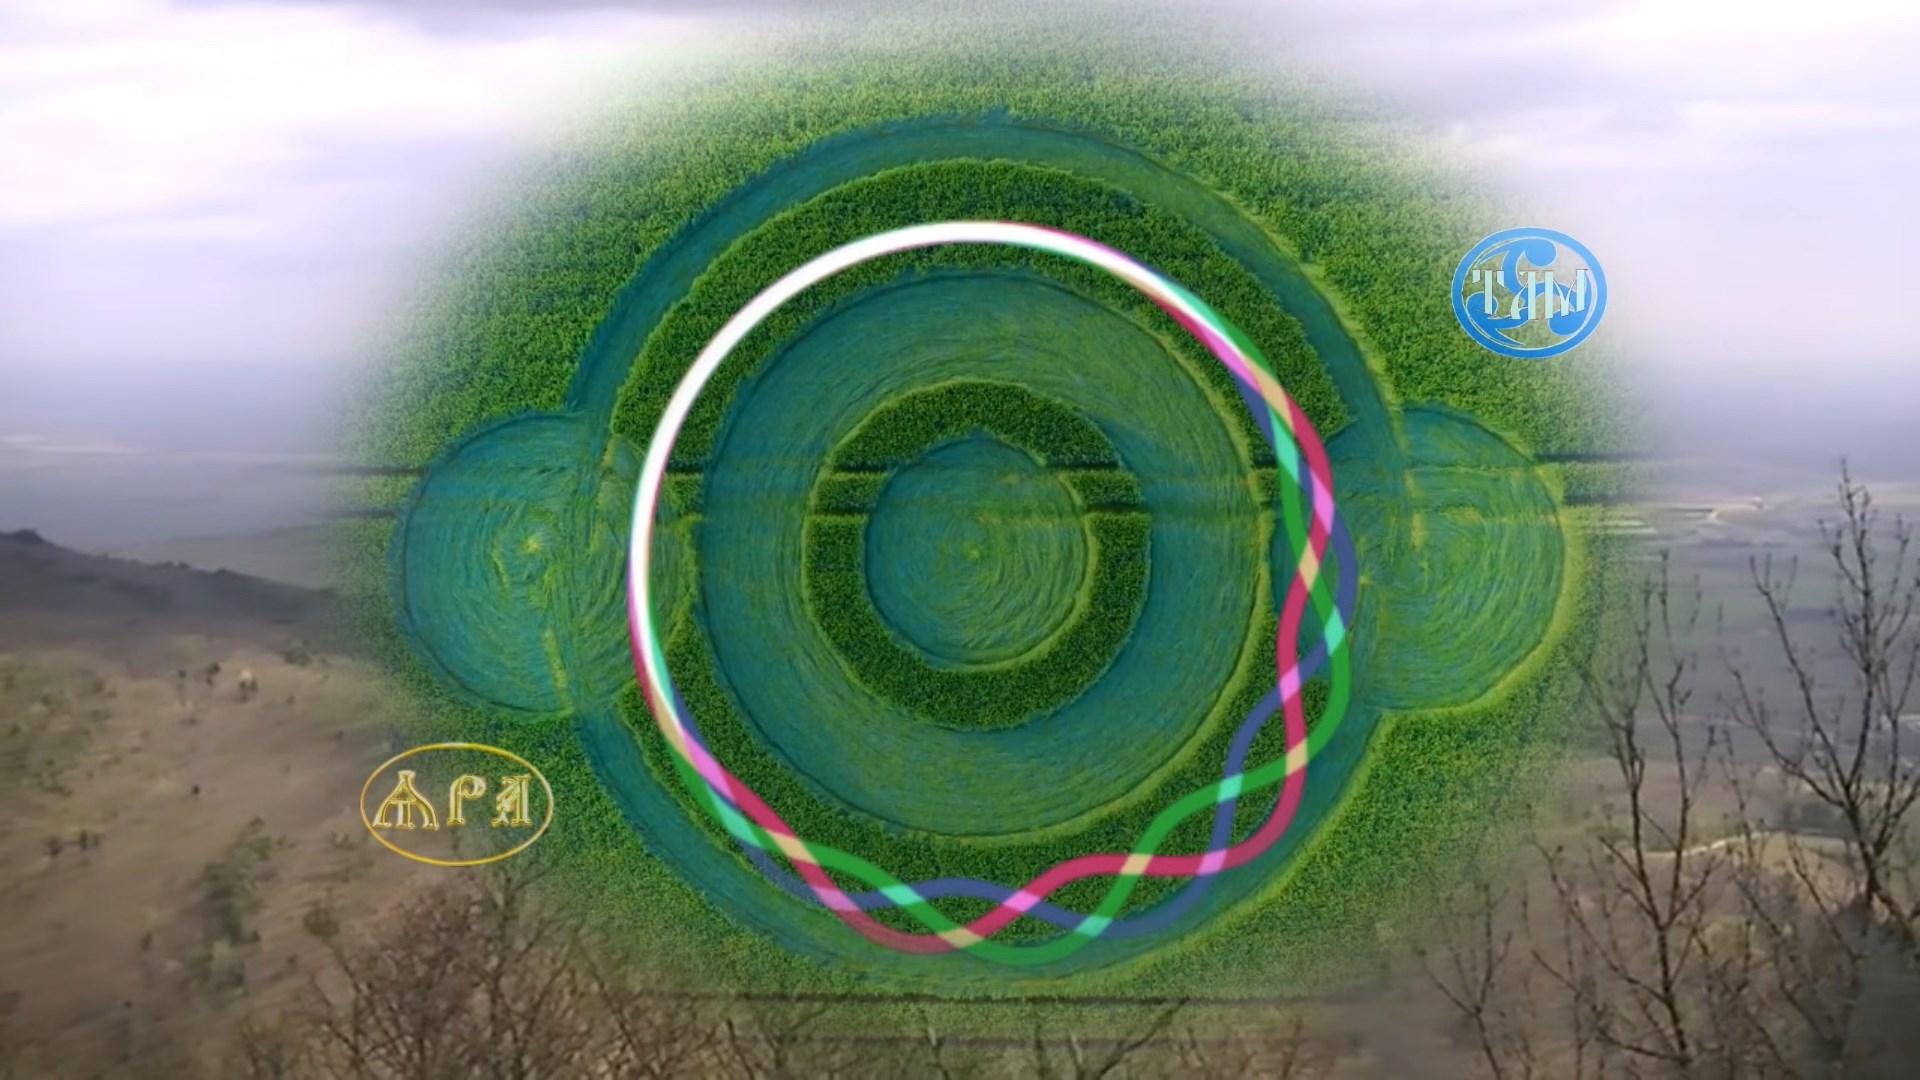 Сфера соединения пространств или Курс на исходную точку времени. Смена пространств. Соединение очередных пространств в оригинал. Оригинал нашего пространства жизни, нашего бытия, нашего сознания жизни. В наш оригинал пространства с 2017 года началось вливание, соединение, совмещение всех существующих пространств и подпространств нашей особенной, по космической значимости, планеты Земля. С 2012 по 2019 год, происходят ситуации, когда на ходу, на несколько минут замирают люди при ходьбе, останавливаются двигающиеся по автостраде автомобили или летящие птицы, застывают в курсивном движении, а Вы в это время наблюдаете за со стороны, или даже снимаете застывшее на видео камеру. В одном и том же фильме, мультфильме, видеоизменяются сюжеты. Физические ощущения, странности, происходящие с телом , когда путешествуешь, прогуливаешься на природе, так же шокируют. Путешествуя по горам Франции, слушал в пустом лесу и под ногами человеческую речь, мало различимую по фразам, но говорили именно люди. В Одессе на пустынном карьере, я слышал мужской голос, словно он проходил совсем рядом, при этом никого близко не было, кроме песка и воды. Соединение пространств, сопряжённое с ускорением времени в часах и минутах. Соединение пространств, сопряжённое с замедлением времени в ощущении и бывает зрительно, когда секундная стрелка движется гораздо медленнее, чем обычно. О многом ином, в фильме «Сфера соединения пространств или Курс на исходную точку времени».